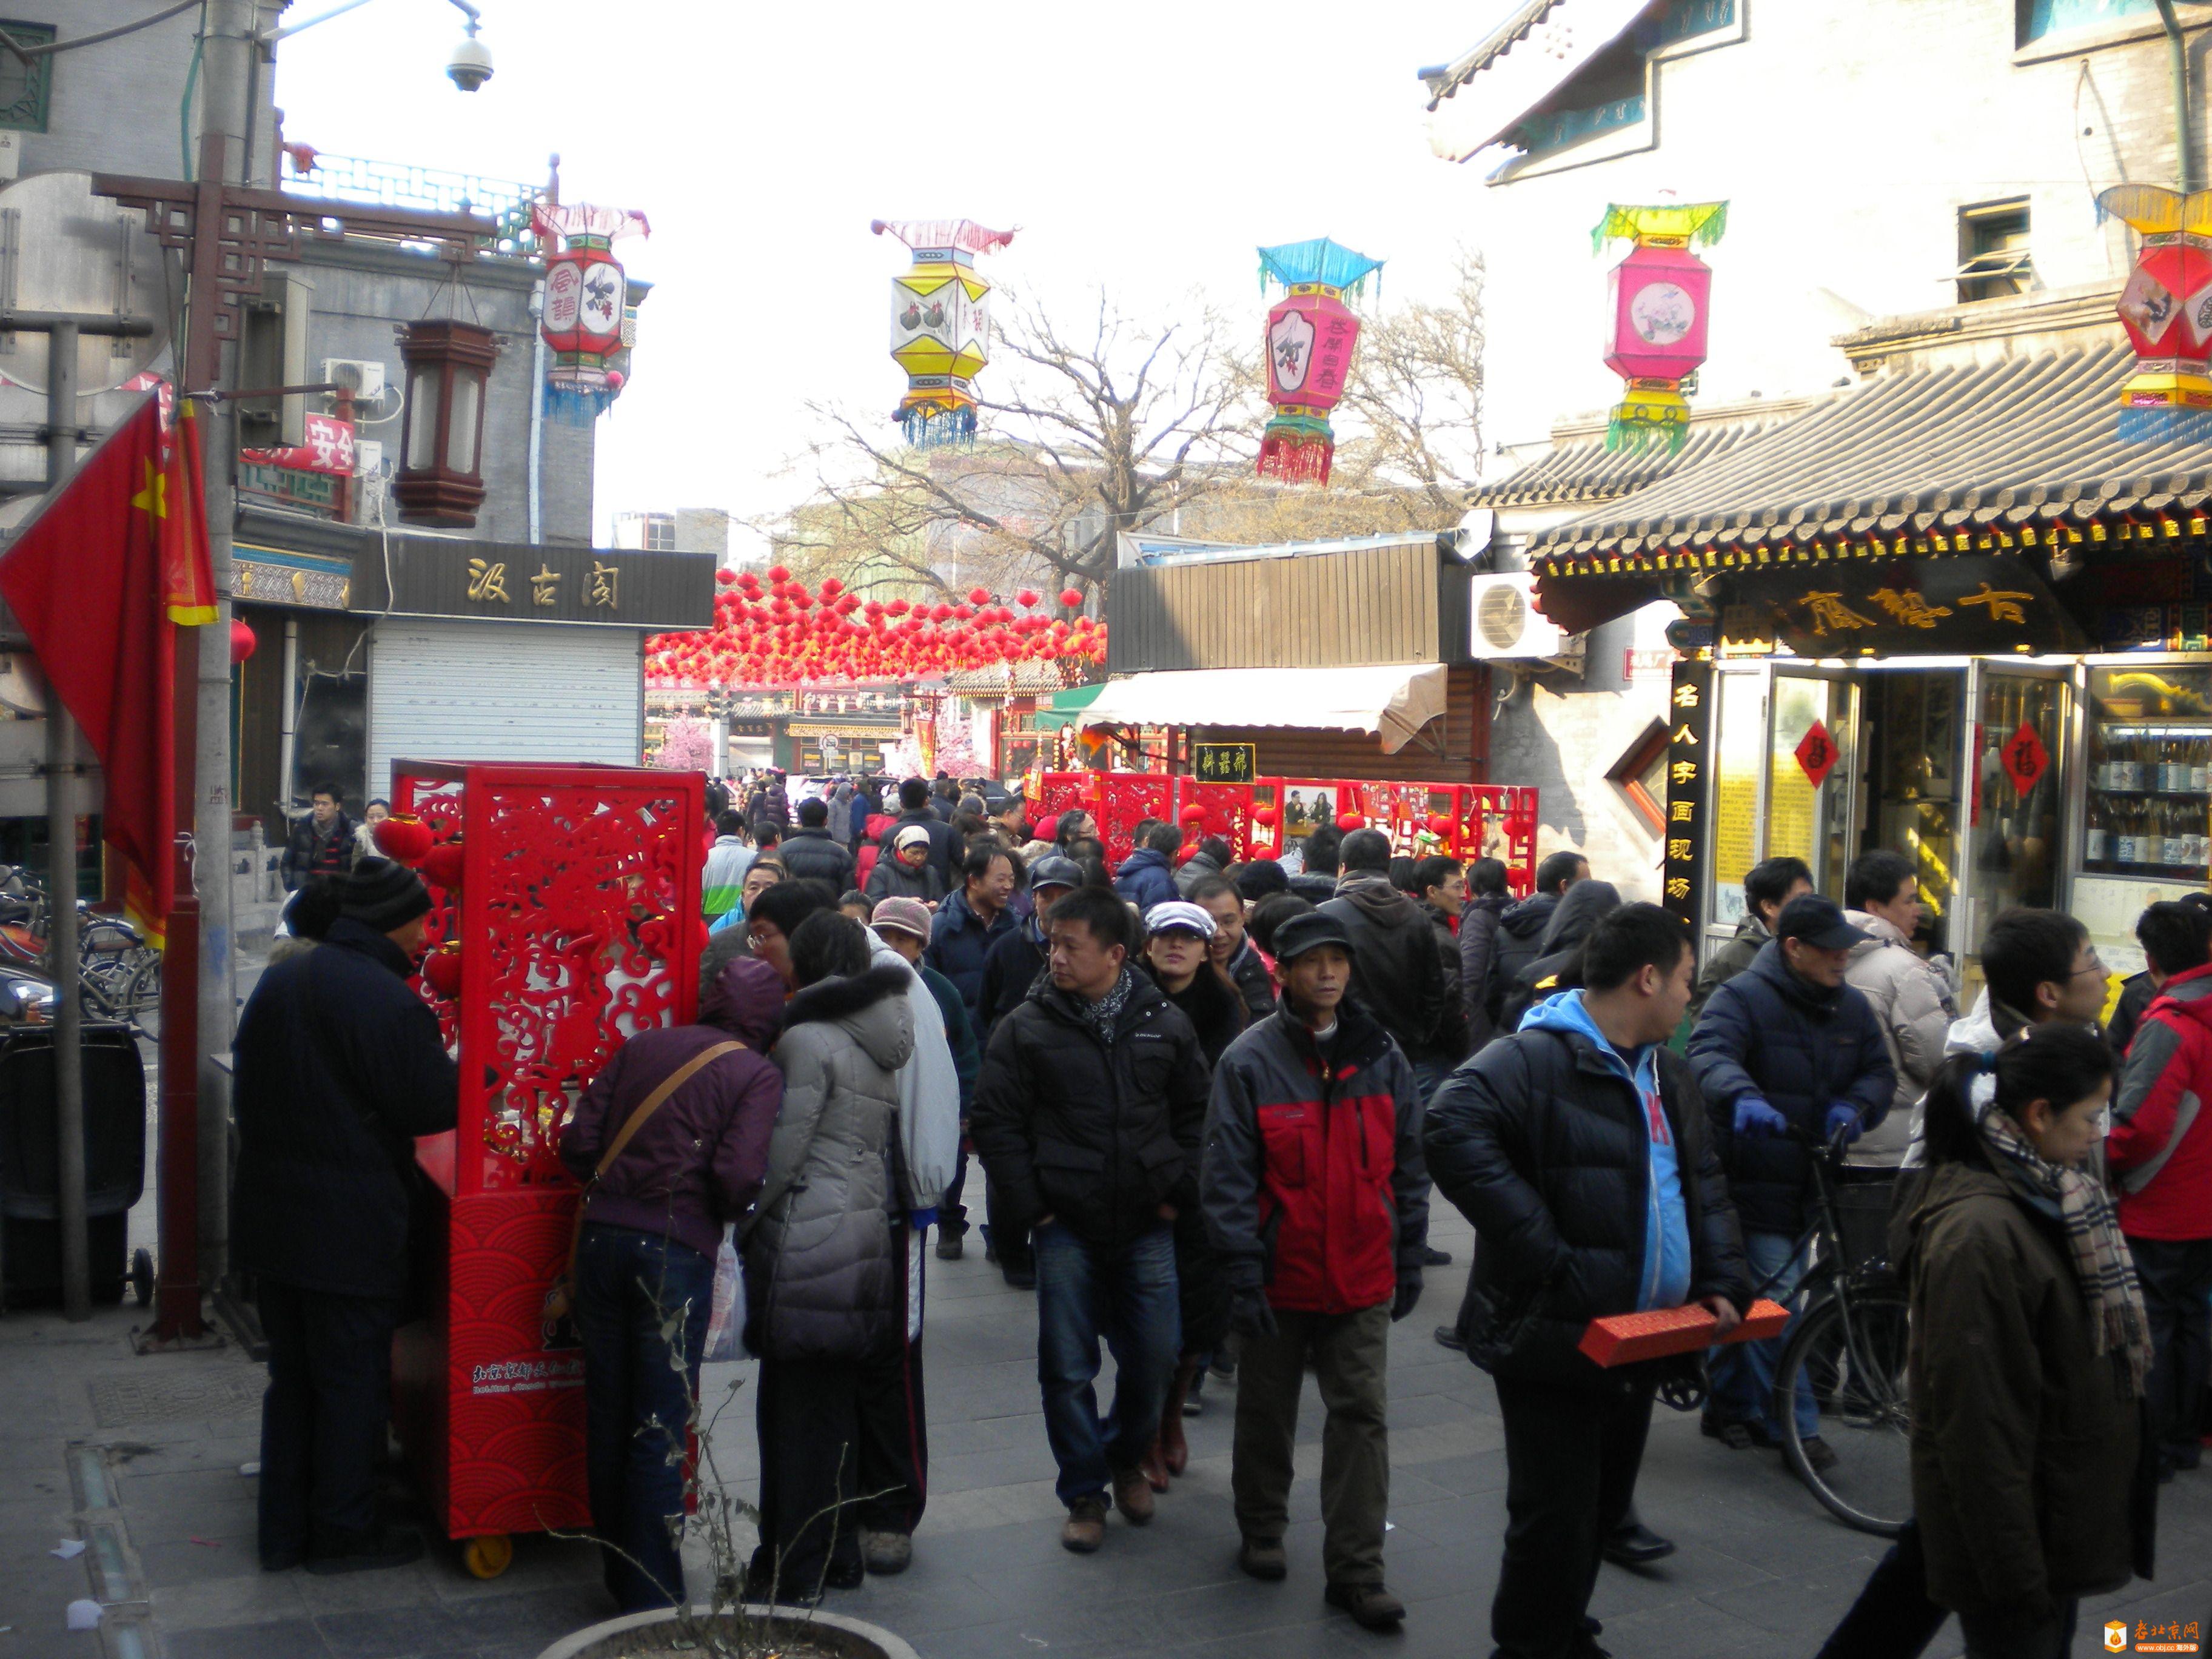 2012年1月27日(壬辰年正月初五),东琉璃厂西段(向西拍摄)⑴